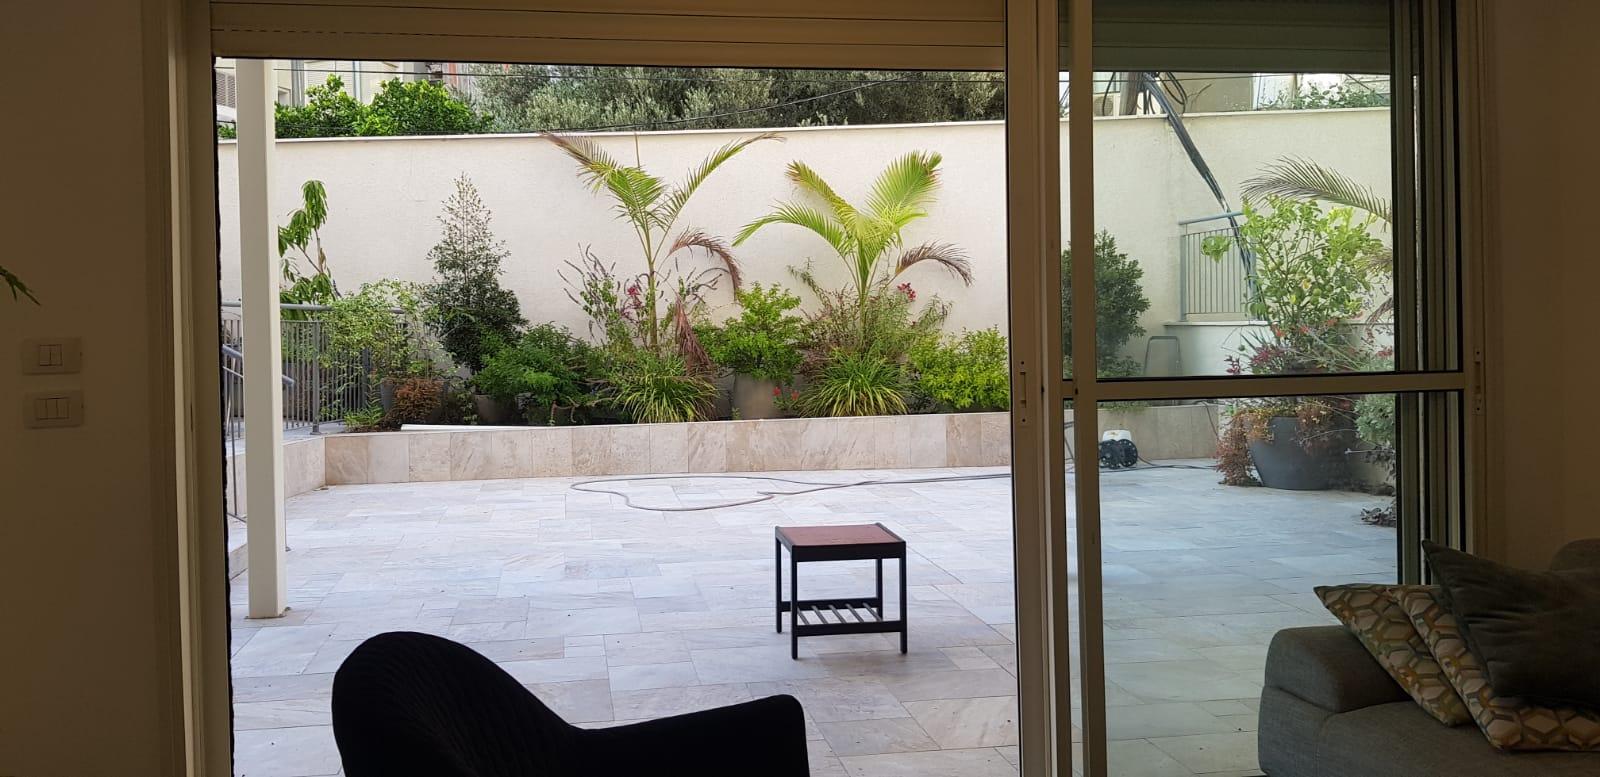 דופלקס גן 5 חדרים עם חניה